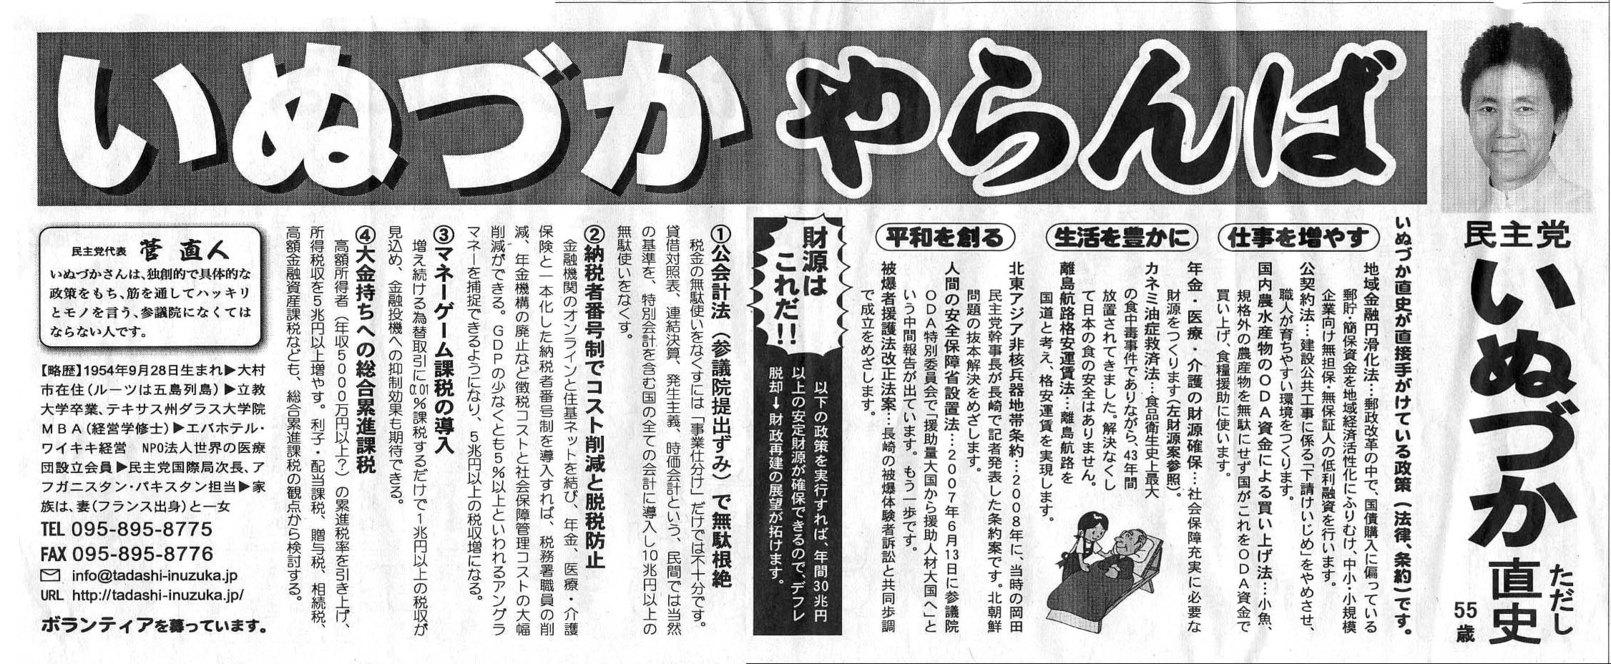 選挙公報(長崎選挙区)_c0052876_2334048.jpg